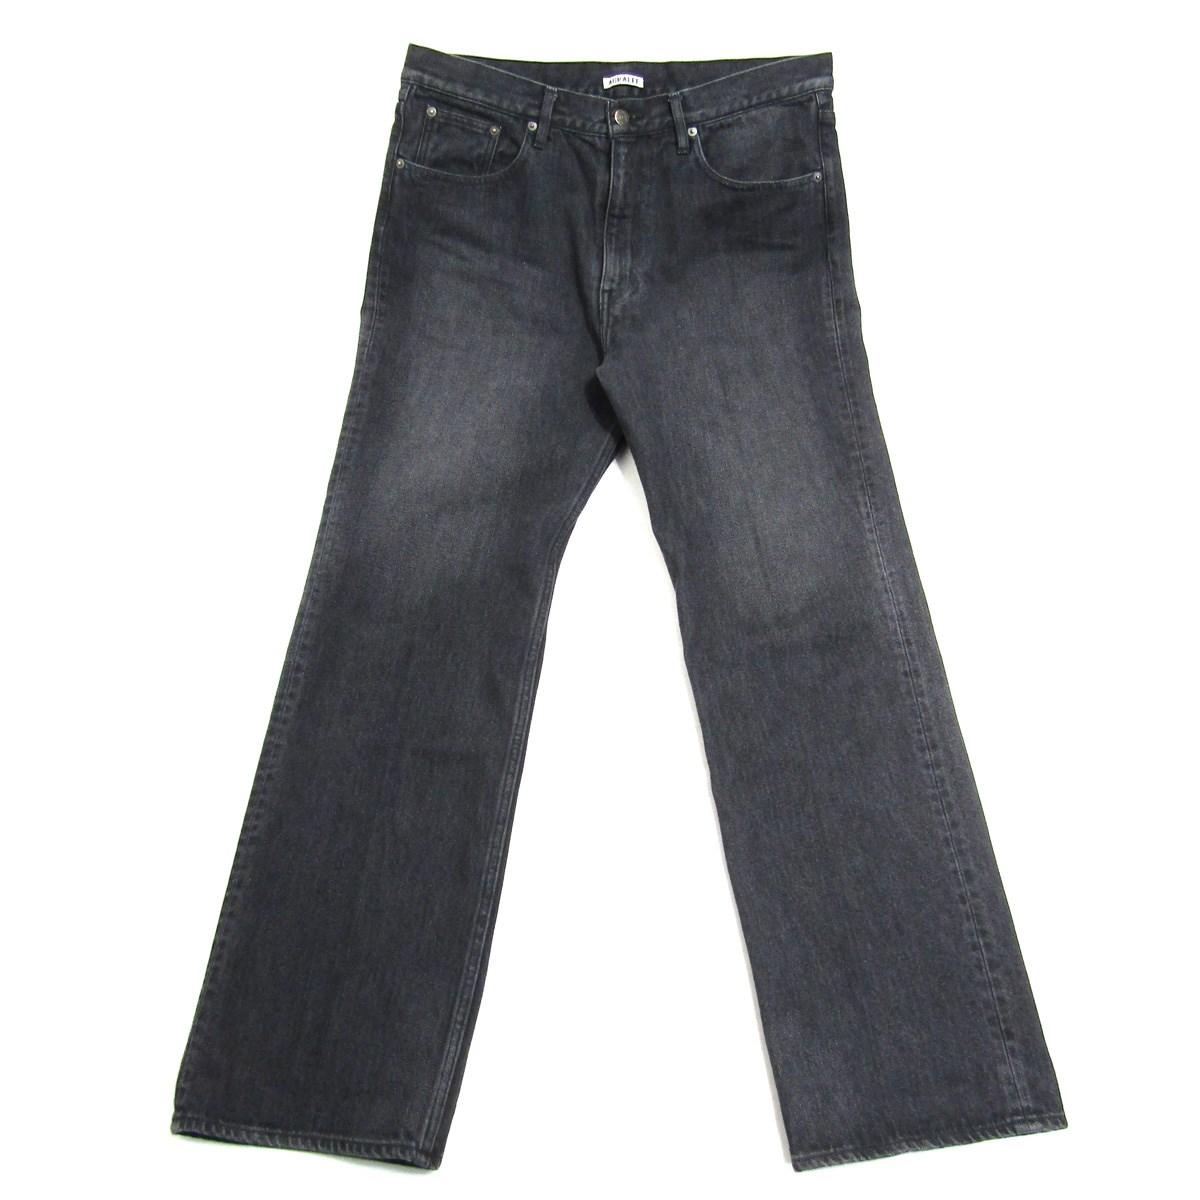 【中古】AURALEE2020SS WASHED HARD TWIST DENIM 5P PANTS ツイストデニムパンツ グレー サイズ:34 【6月26日見直し】